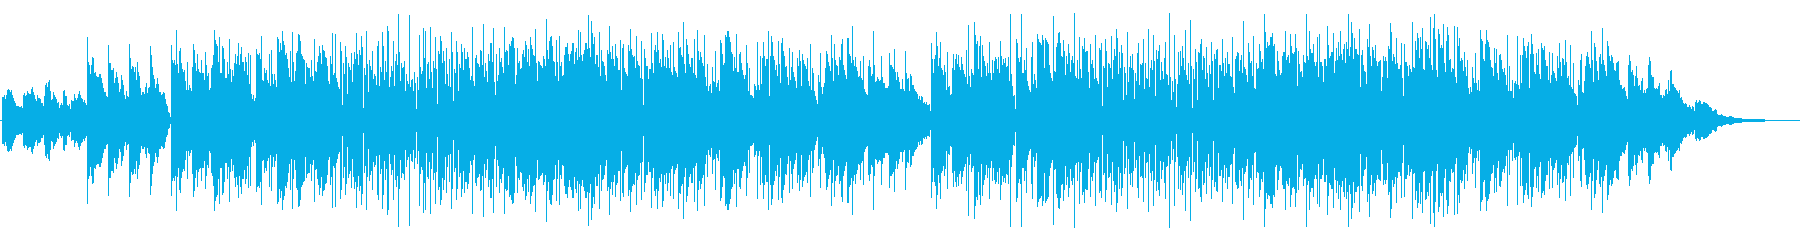 スムースジャズ・サックスの再生済みの波形